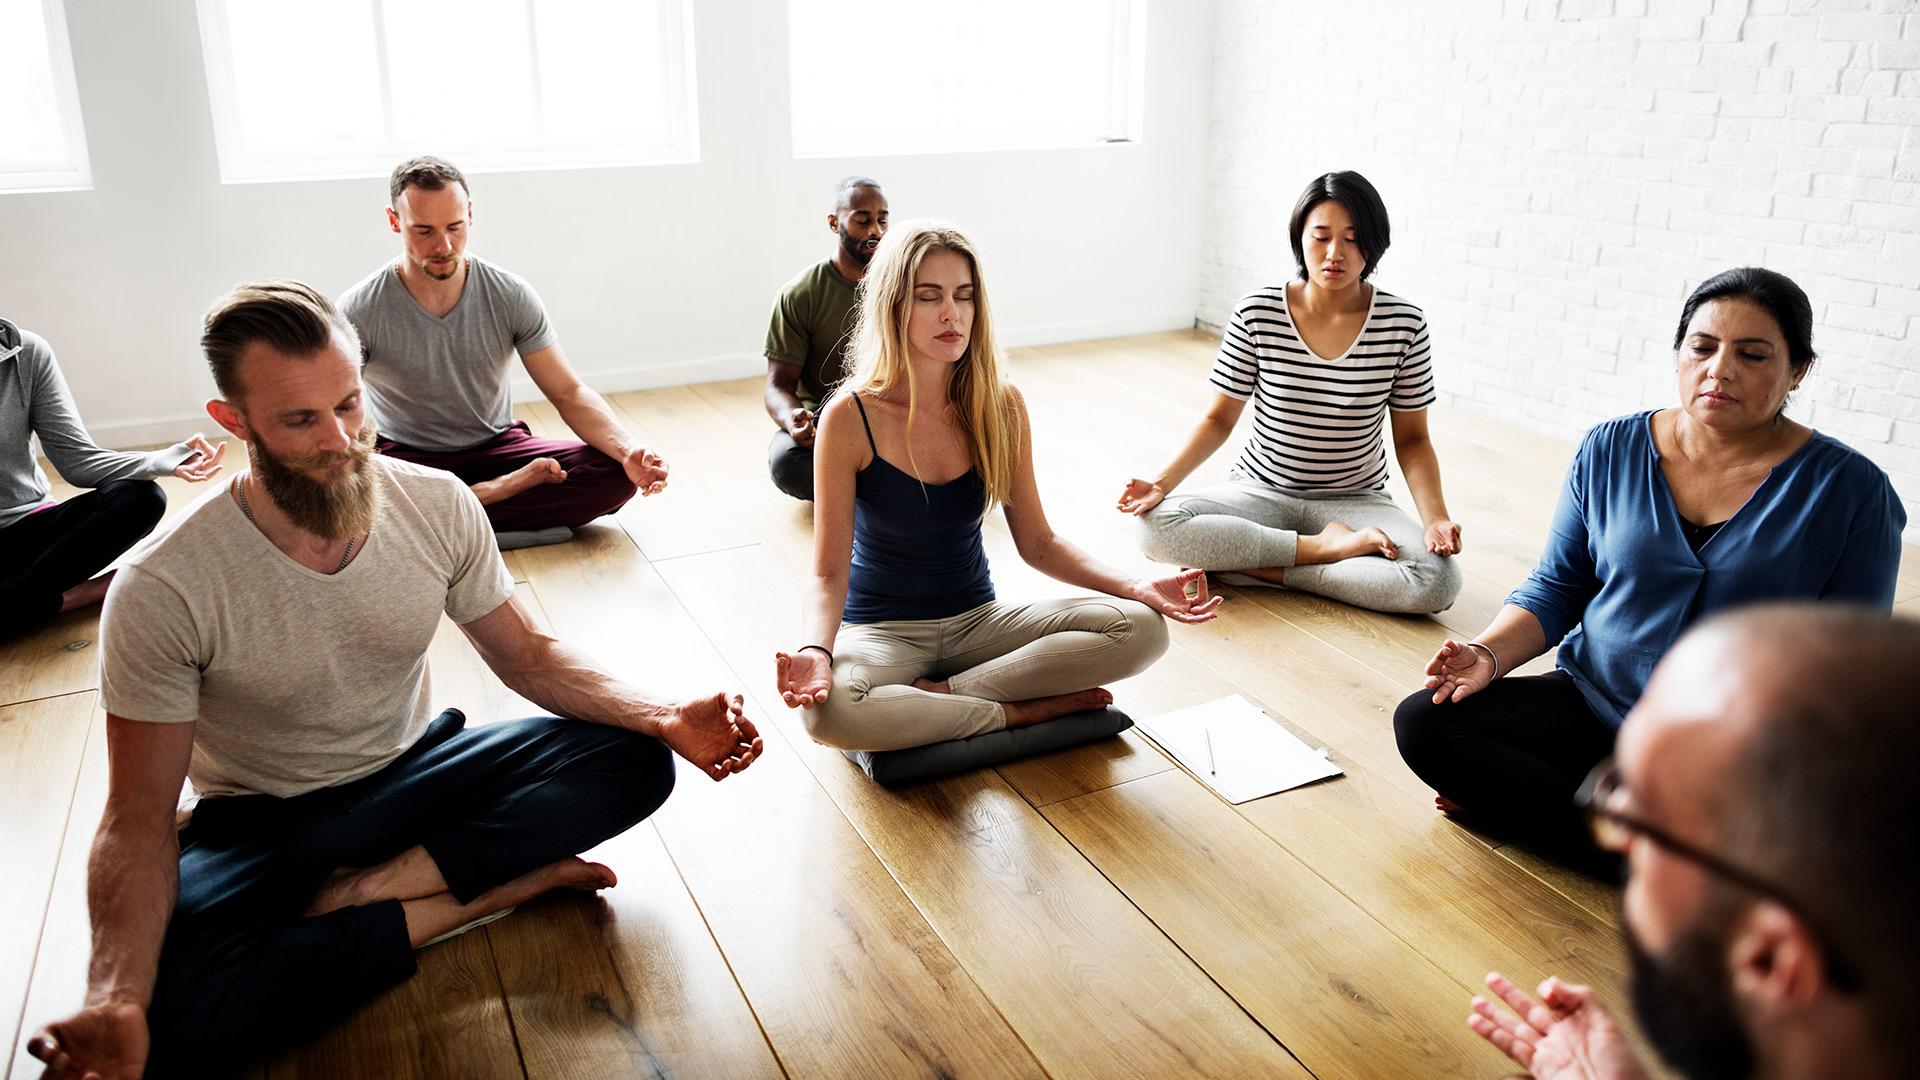 yoga-class-concept-PTLGKTV